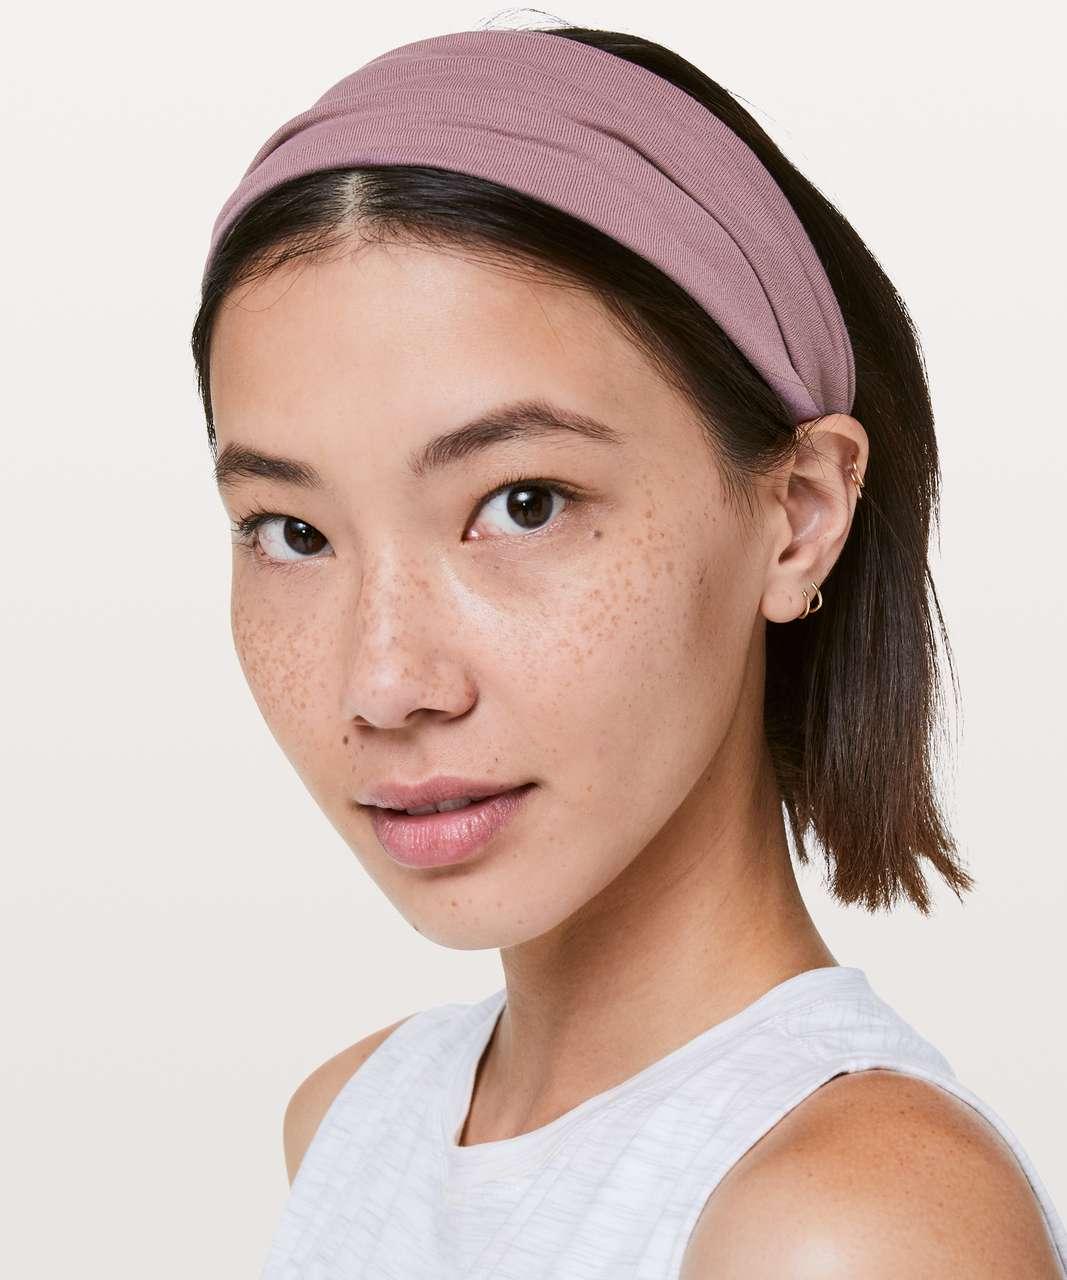 Lululemon Fringe Fighter Headband - Dusty Mauve / Heathered Dusty Pink